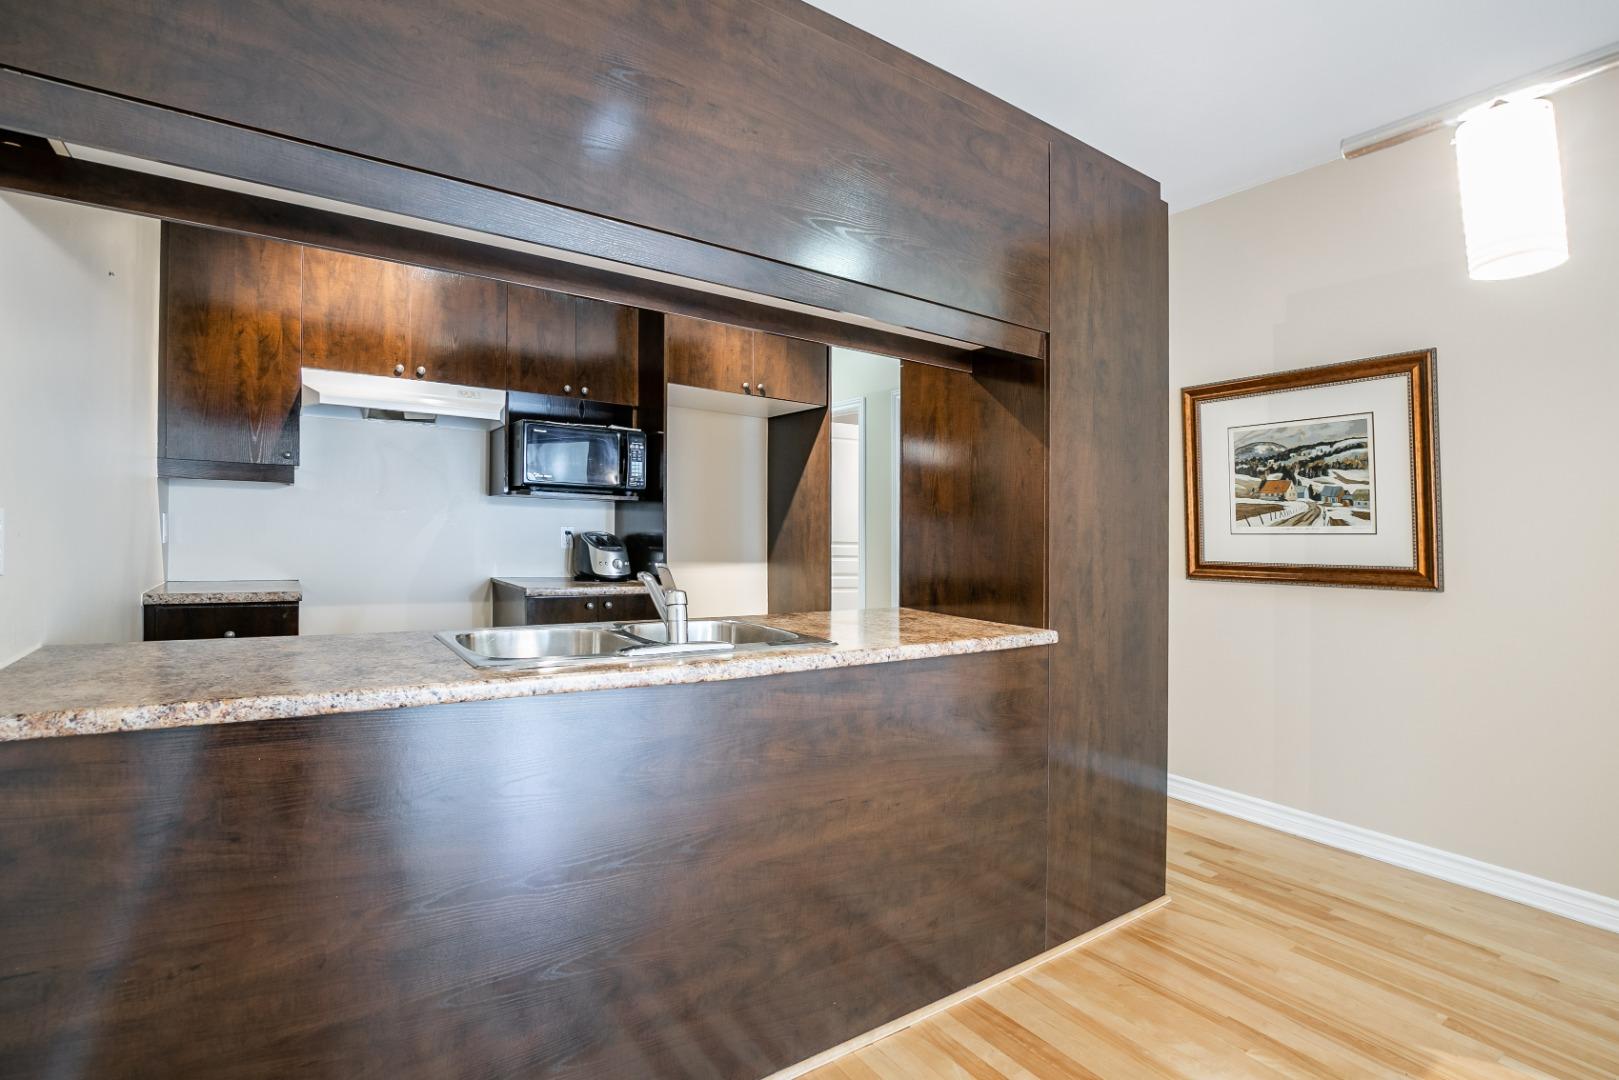 condo a vendre rosemont_montreal- 3860 rue masson_#3_AL-8.jpg